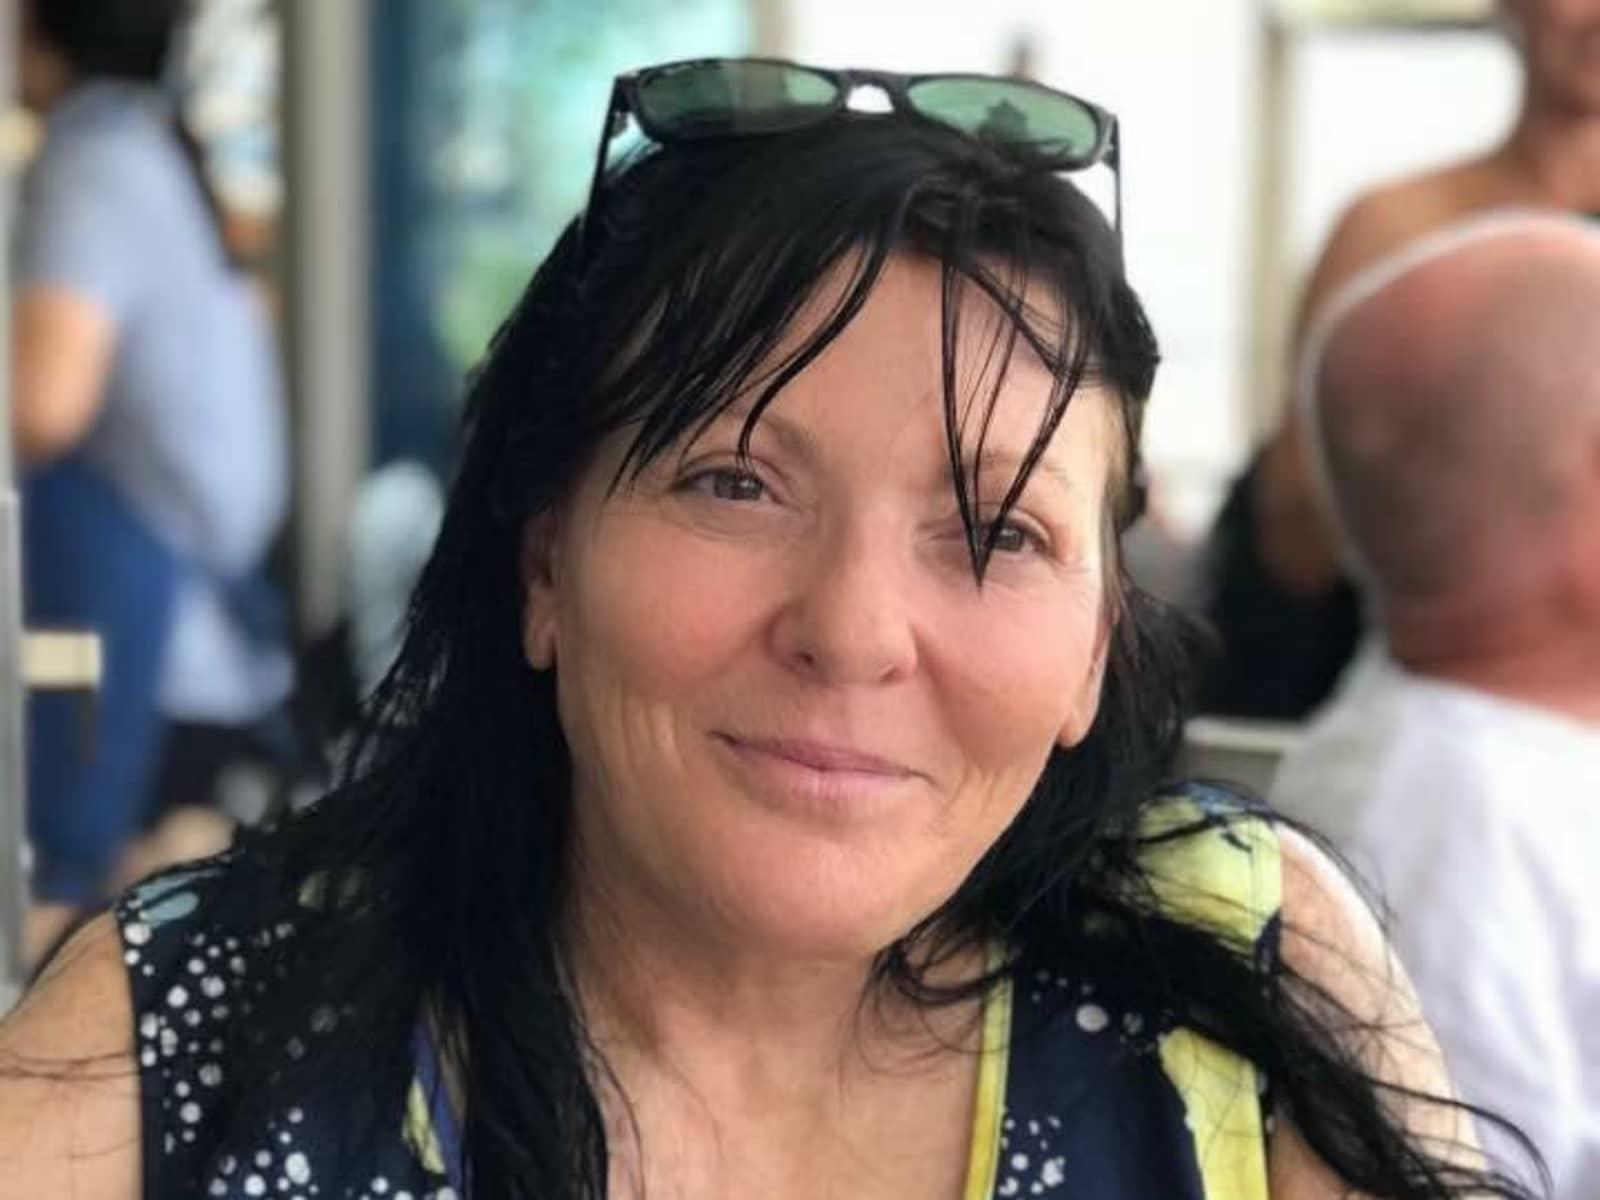 Claire from Perth, Western Australia, Australia